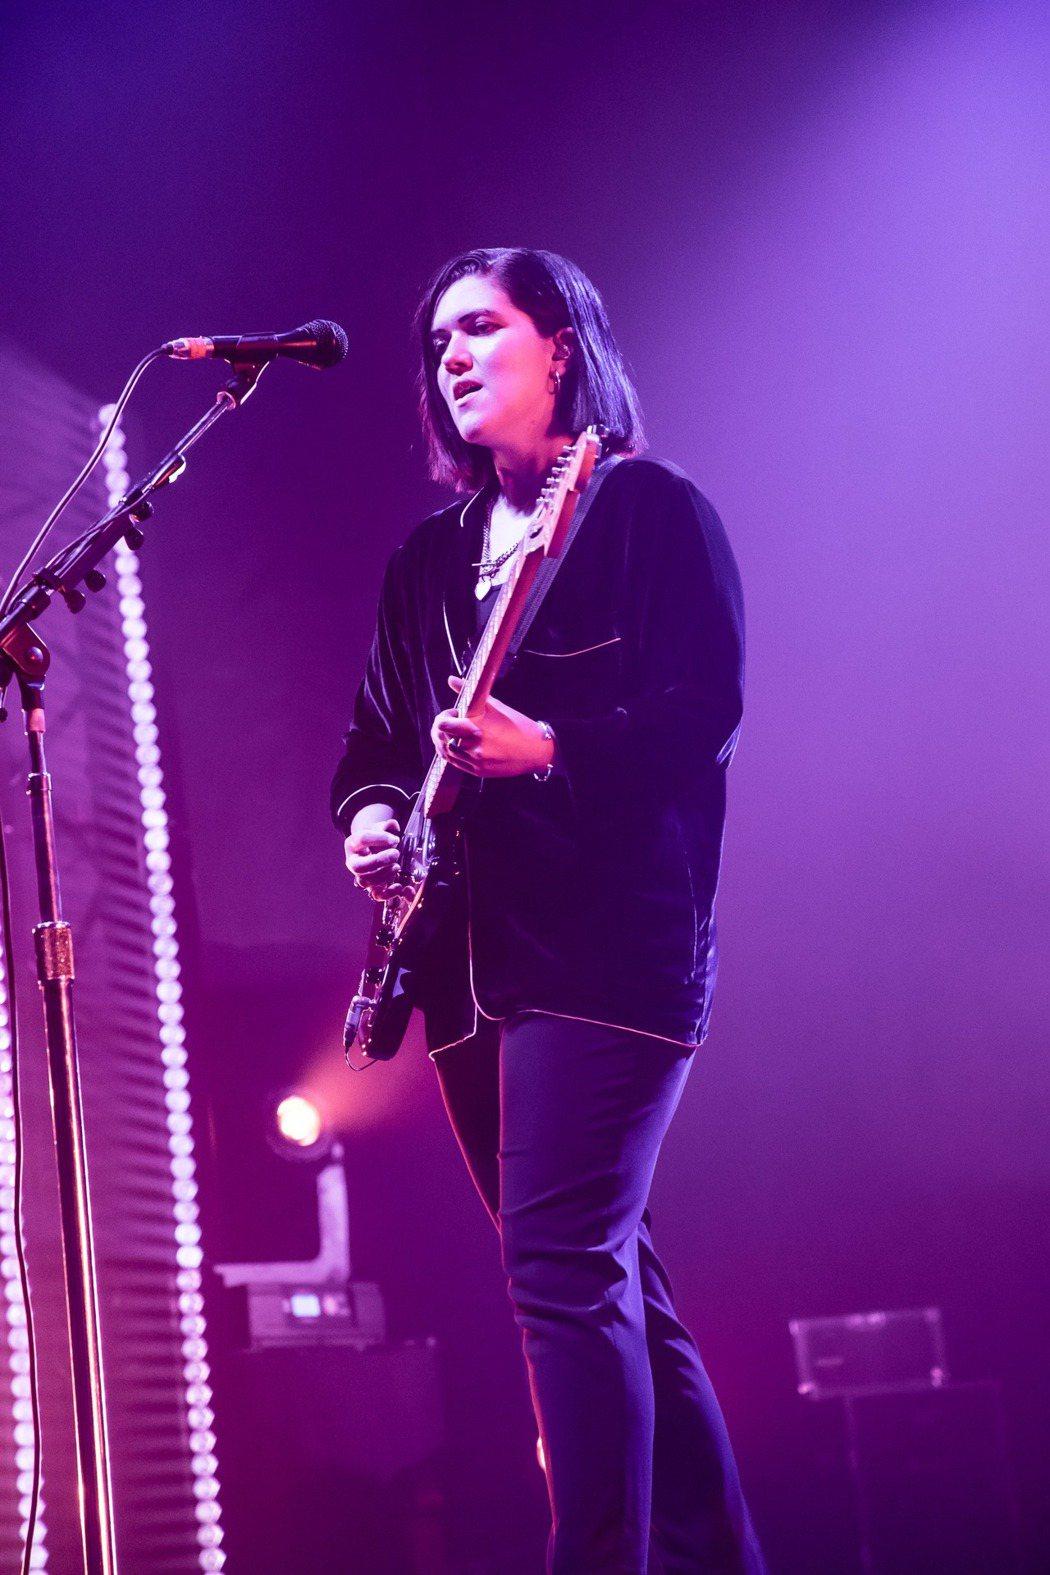 英國獨立樂團「The xx」樂團昨晚在台開唱,吸引3000名粉絲滿場朝聖,圖為女